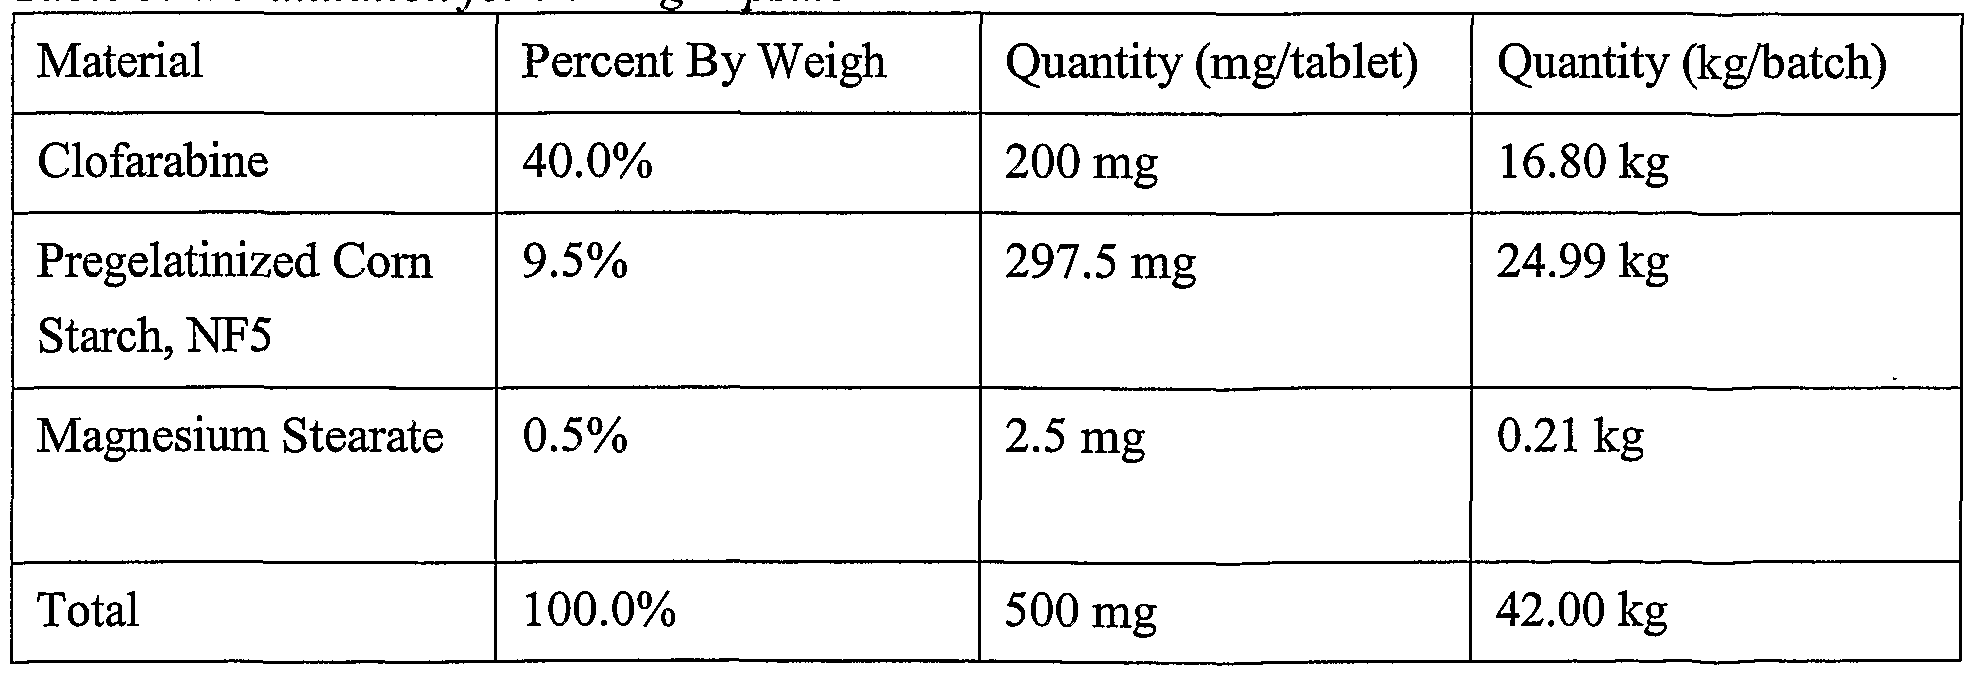 Omeprazol-ratiopharm nt 40 mg beipackzettel ciprofloxacin